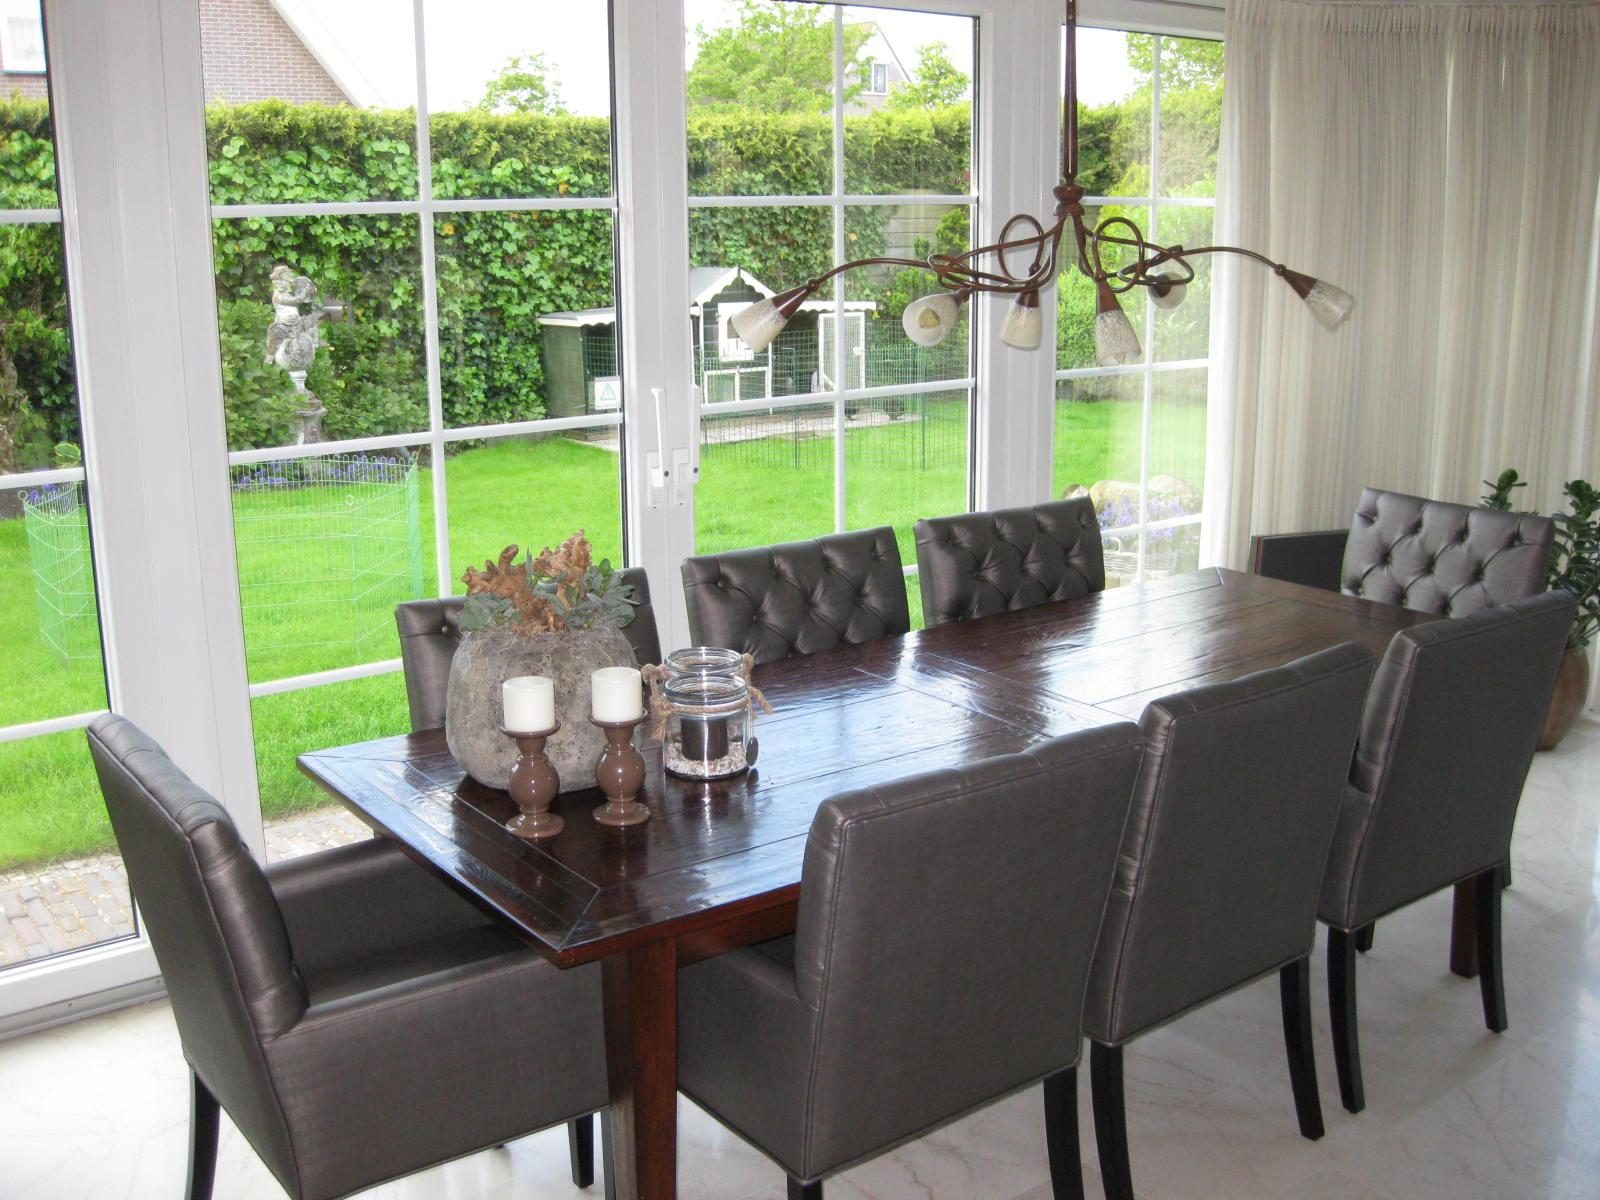 Landelijke eetkamerstoel bram bankstyle for Bruine eetkamerstoelen